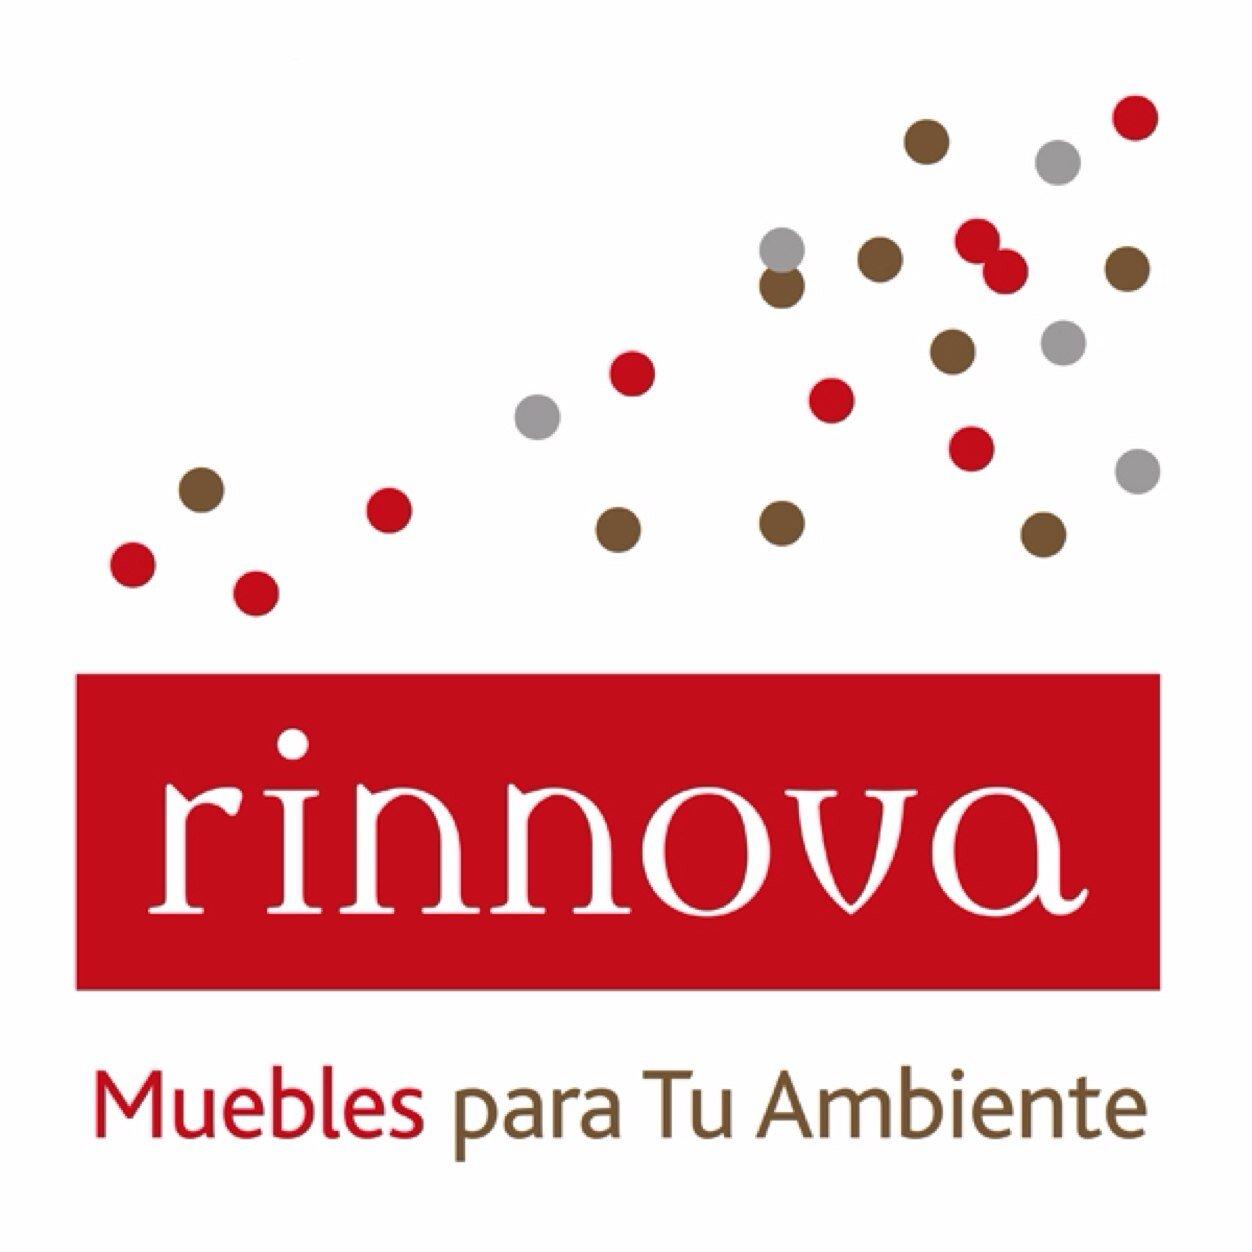 Muebles Rinnova - Muebles Rinnova Rinnova_cl Twitter[mjhdah]https://i.pinimg.com/originals/ec/65/a2/ec65a2c278ff1d8485adf43acfa4d249.jpg